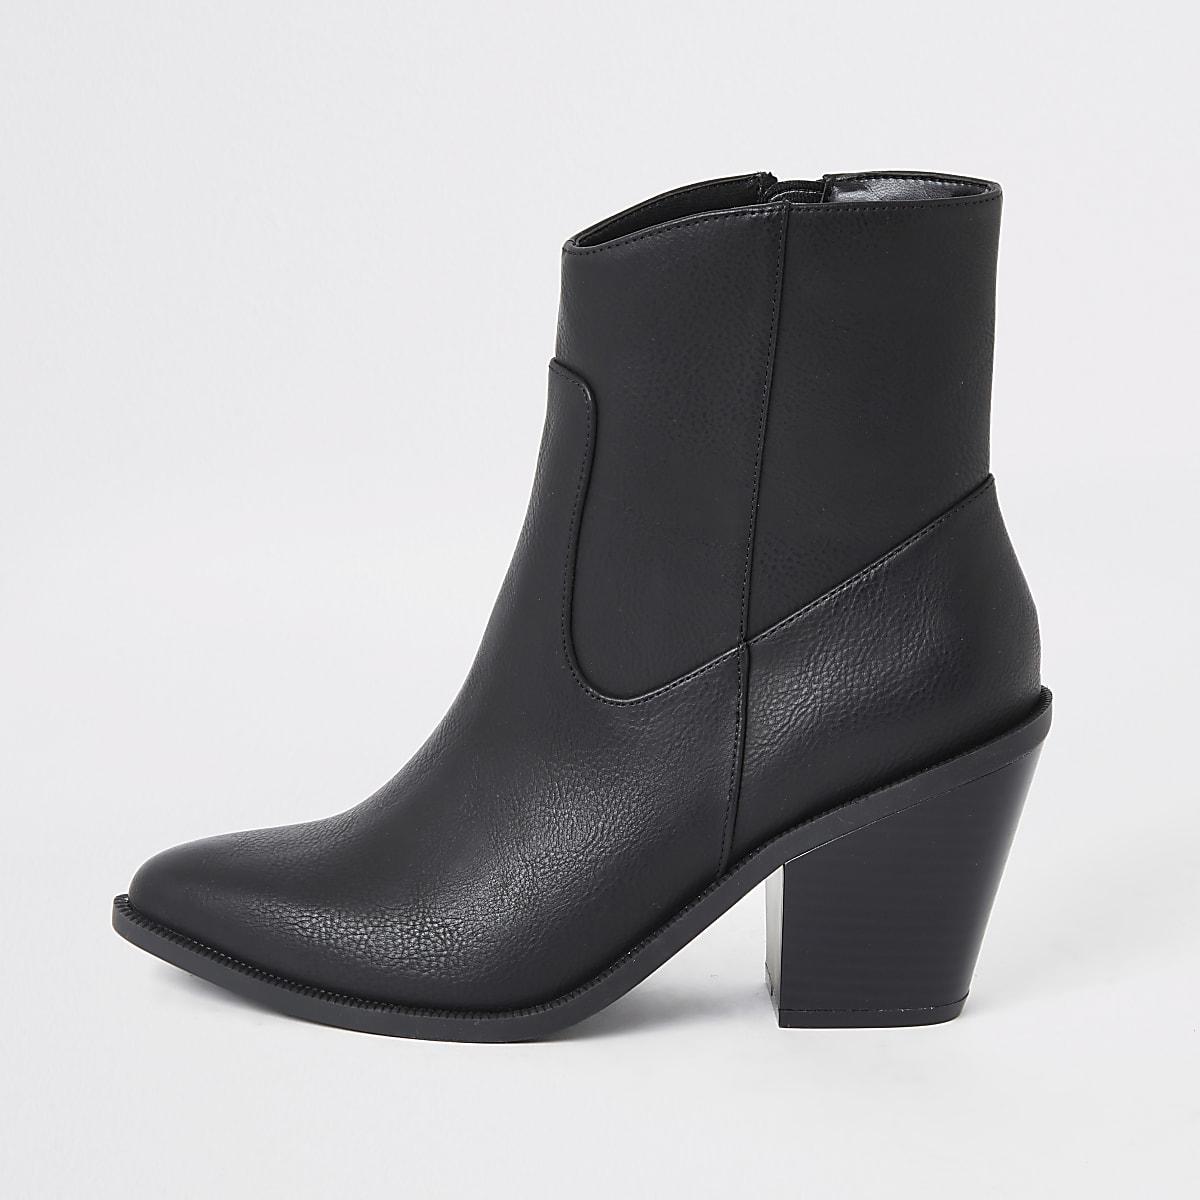 Bottines noires style western